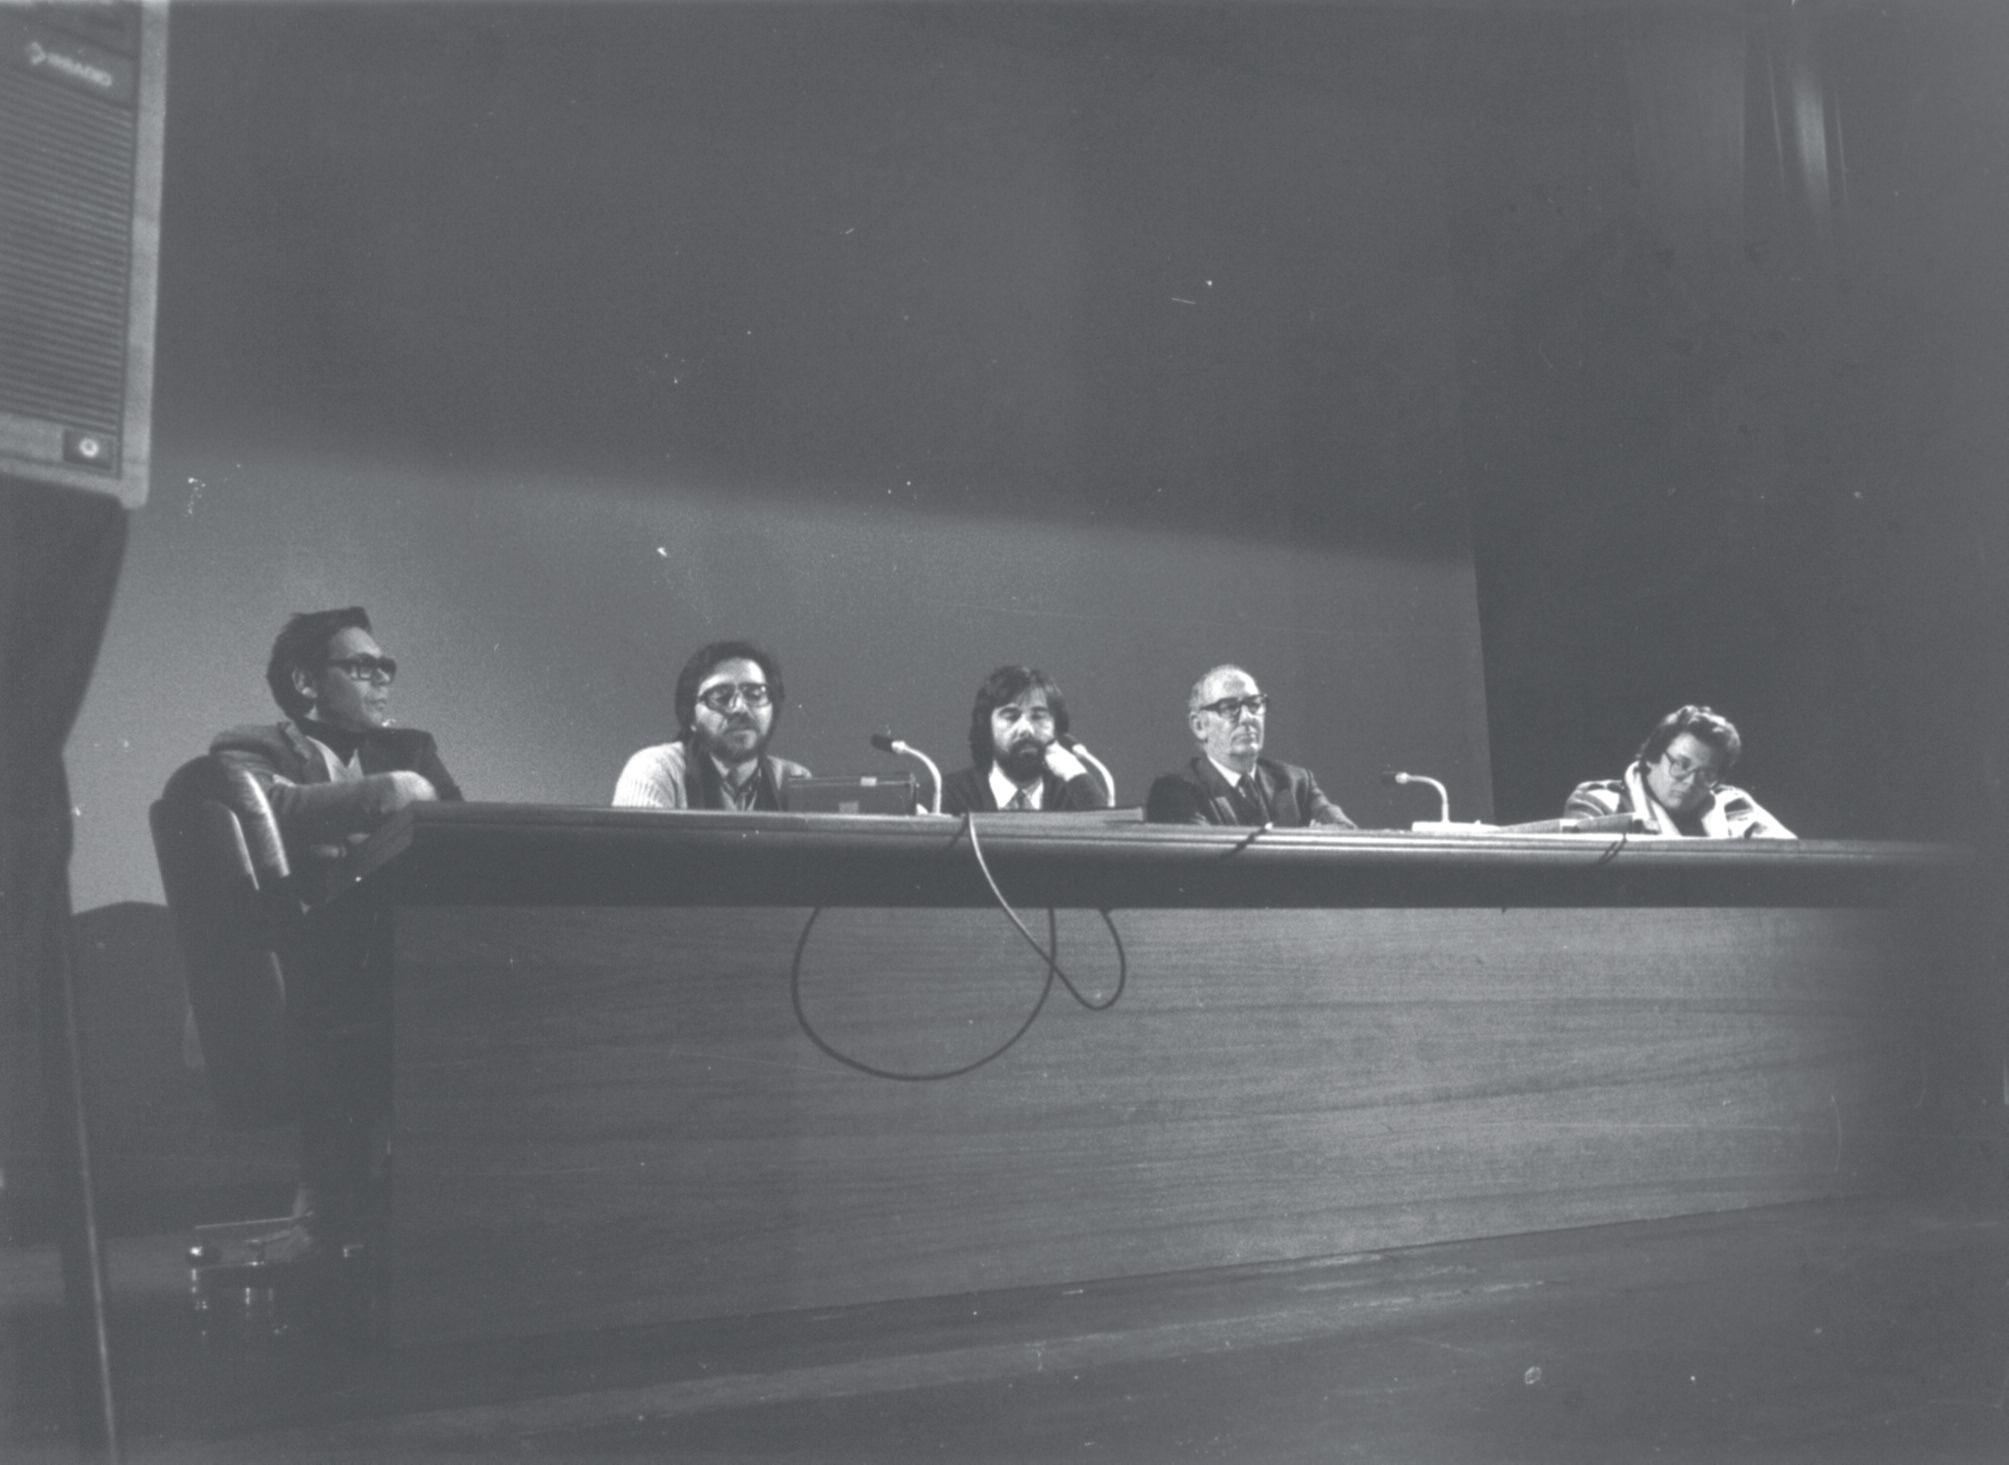 Walter Tortoreto, Antonio Gasbarrini, Enrico Sconci, Fabio Mauri e Marcello Gallucci